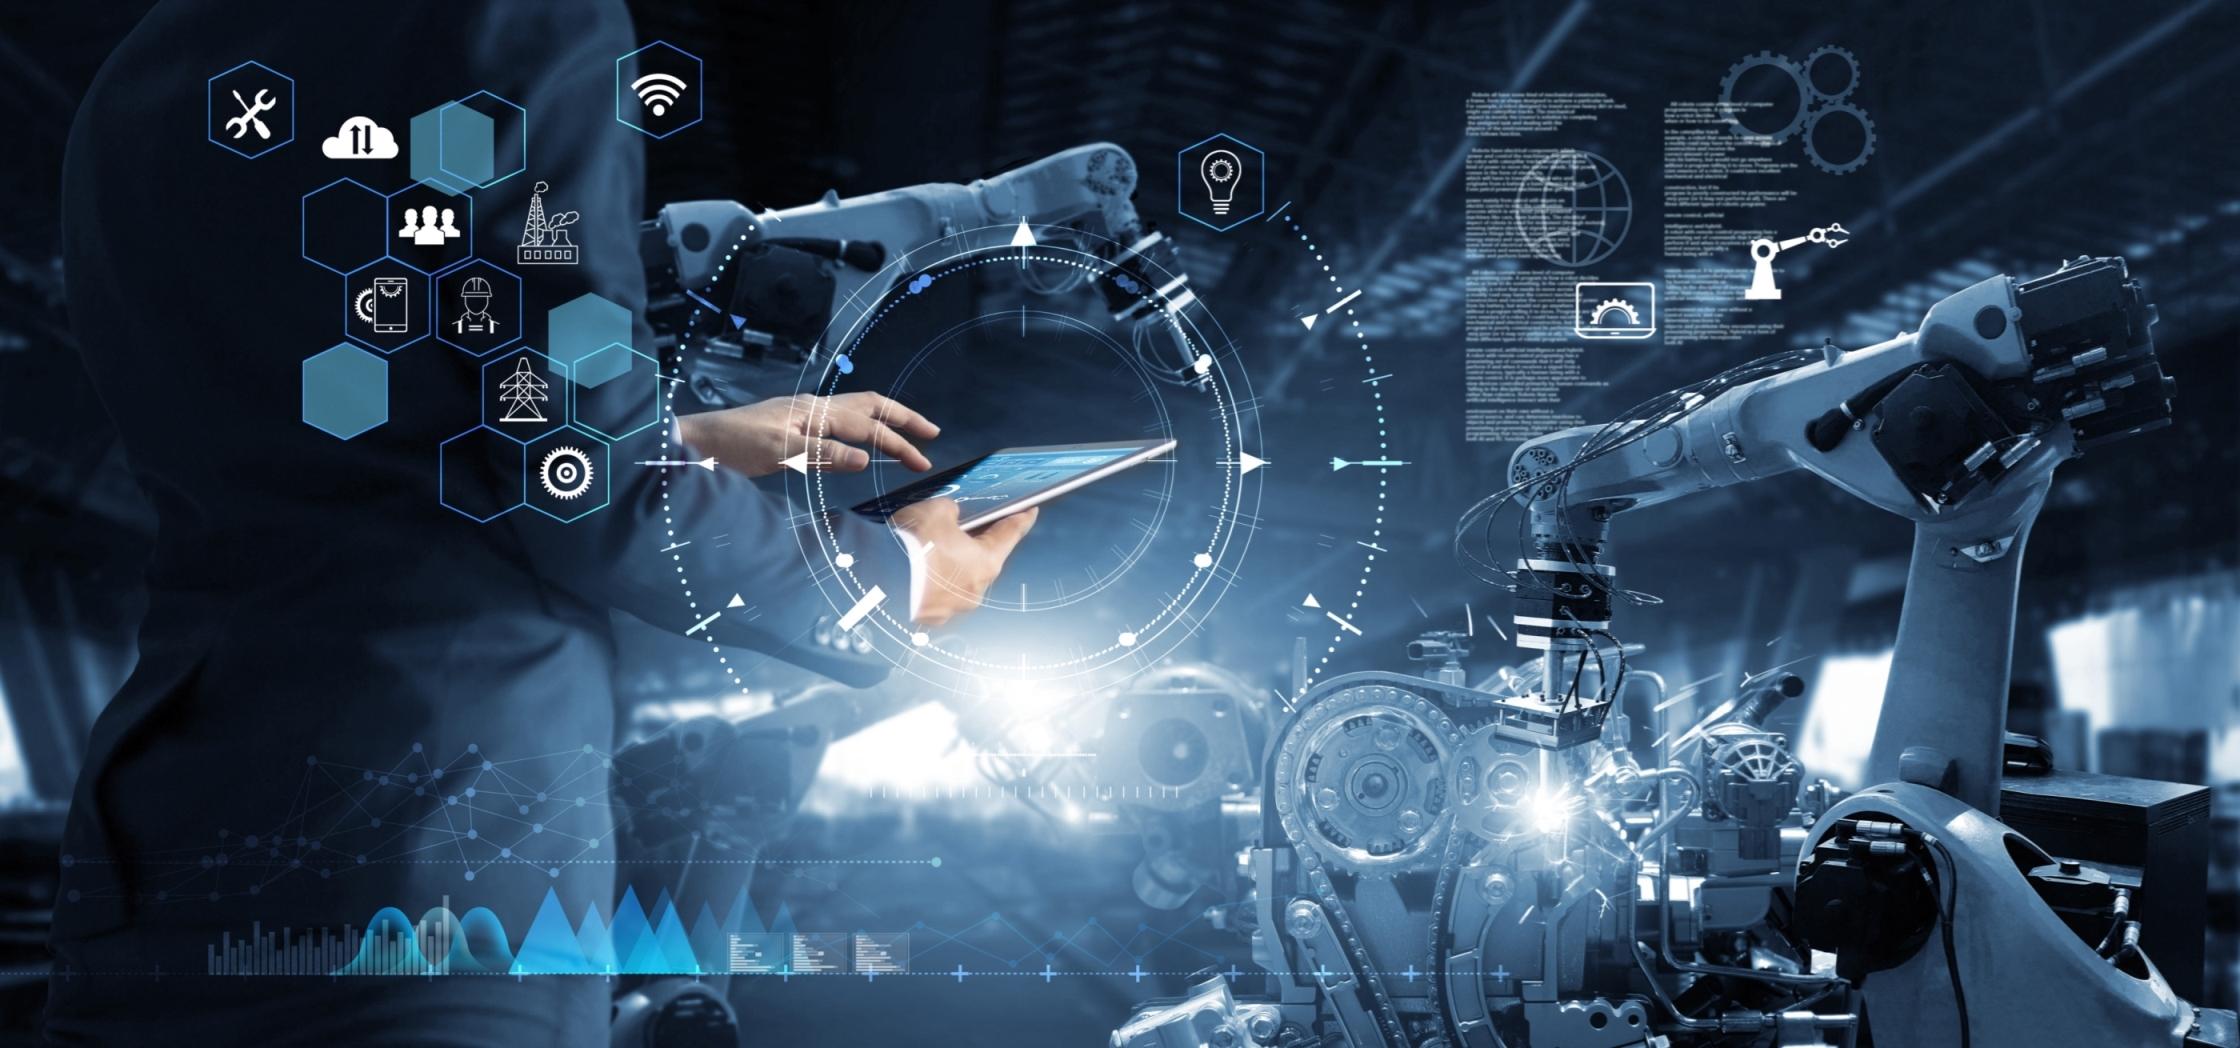 İmalat sanayinde orta-yüksek teknoloji yatırım teşvik belgelerinin sayısı artıyor